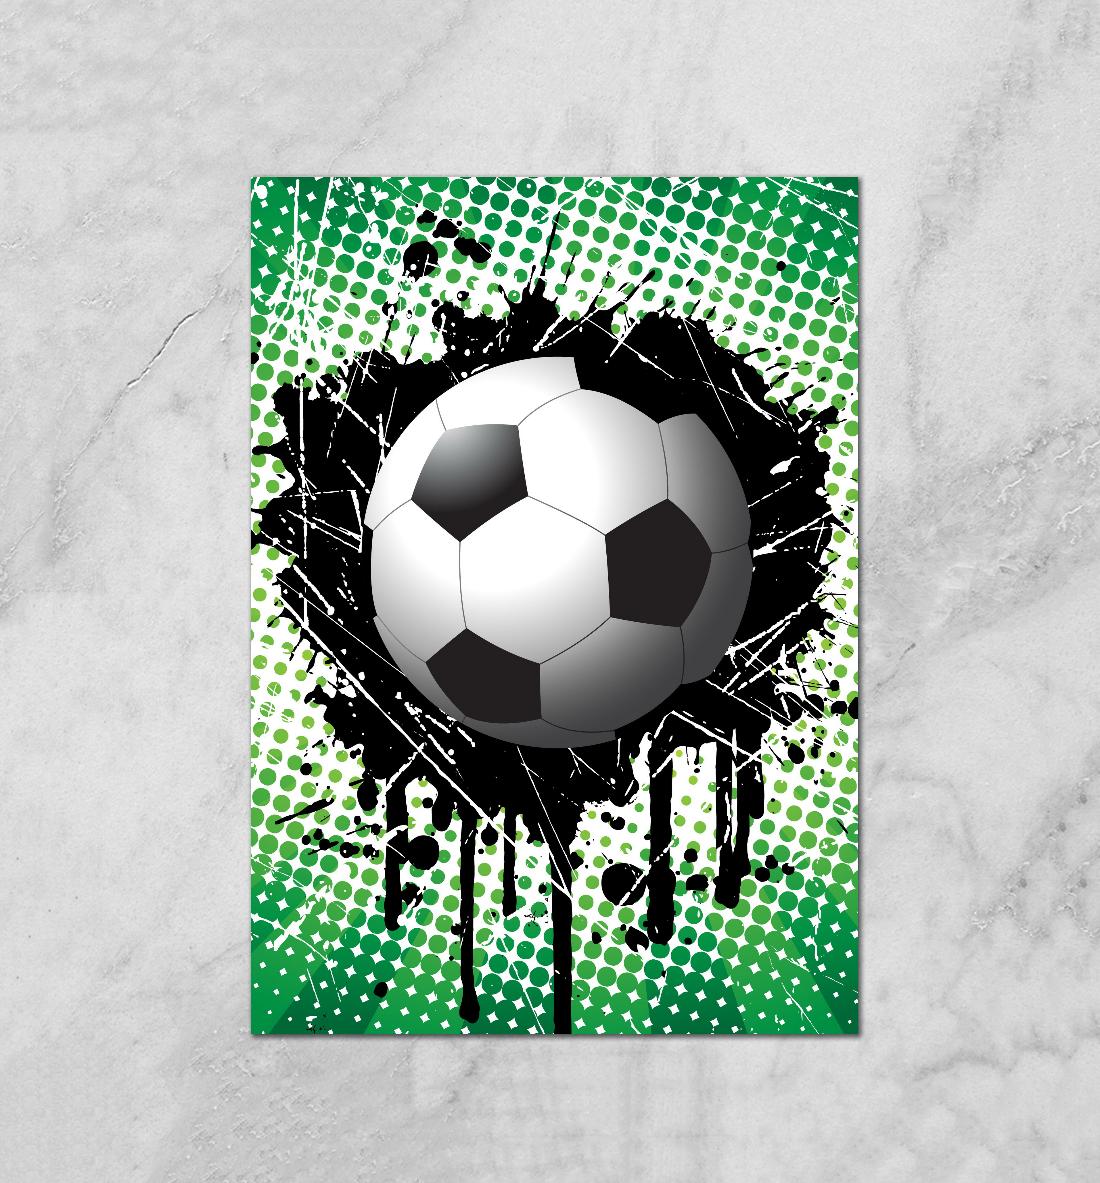 Плакат на футбол своими руками